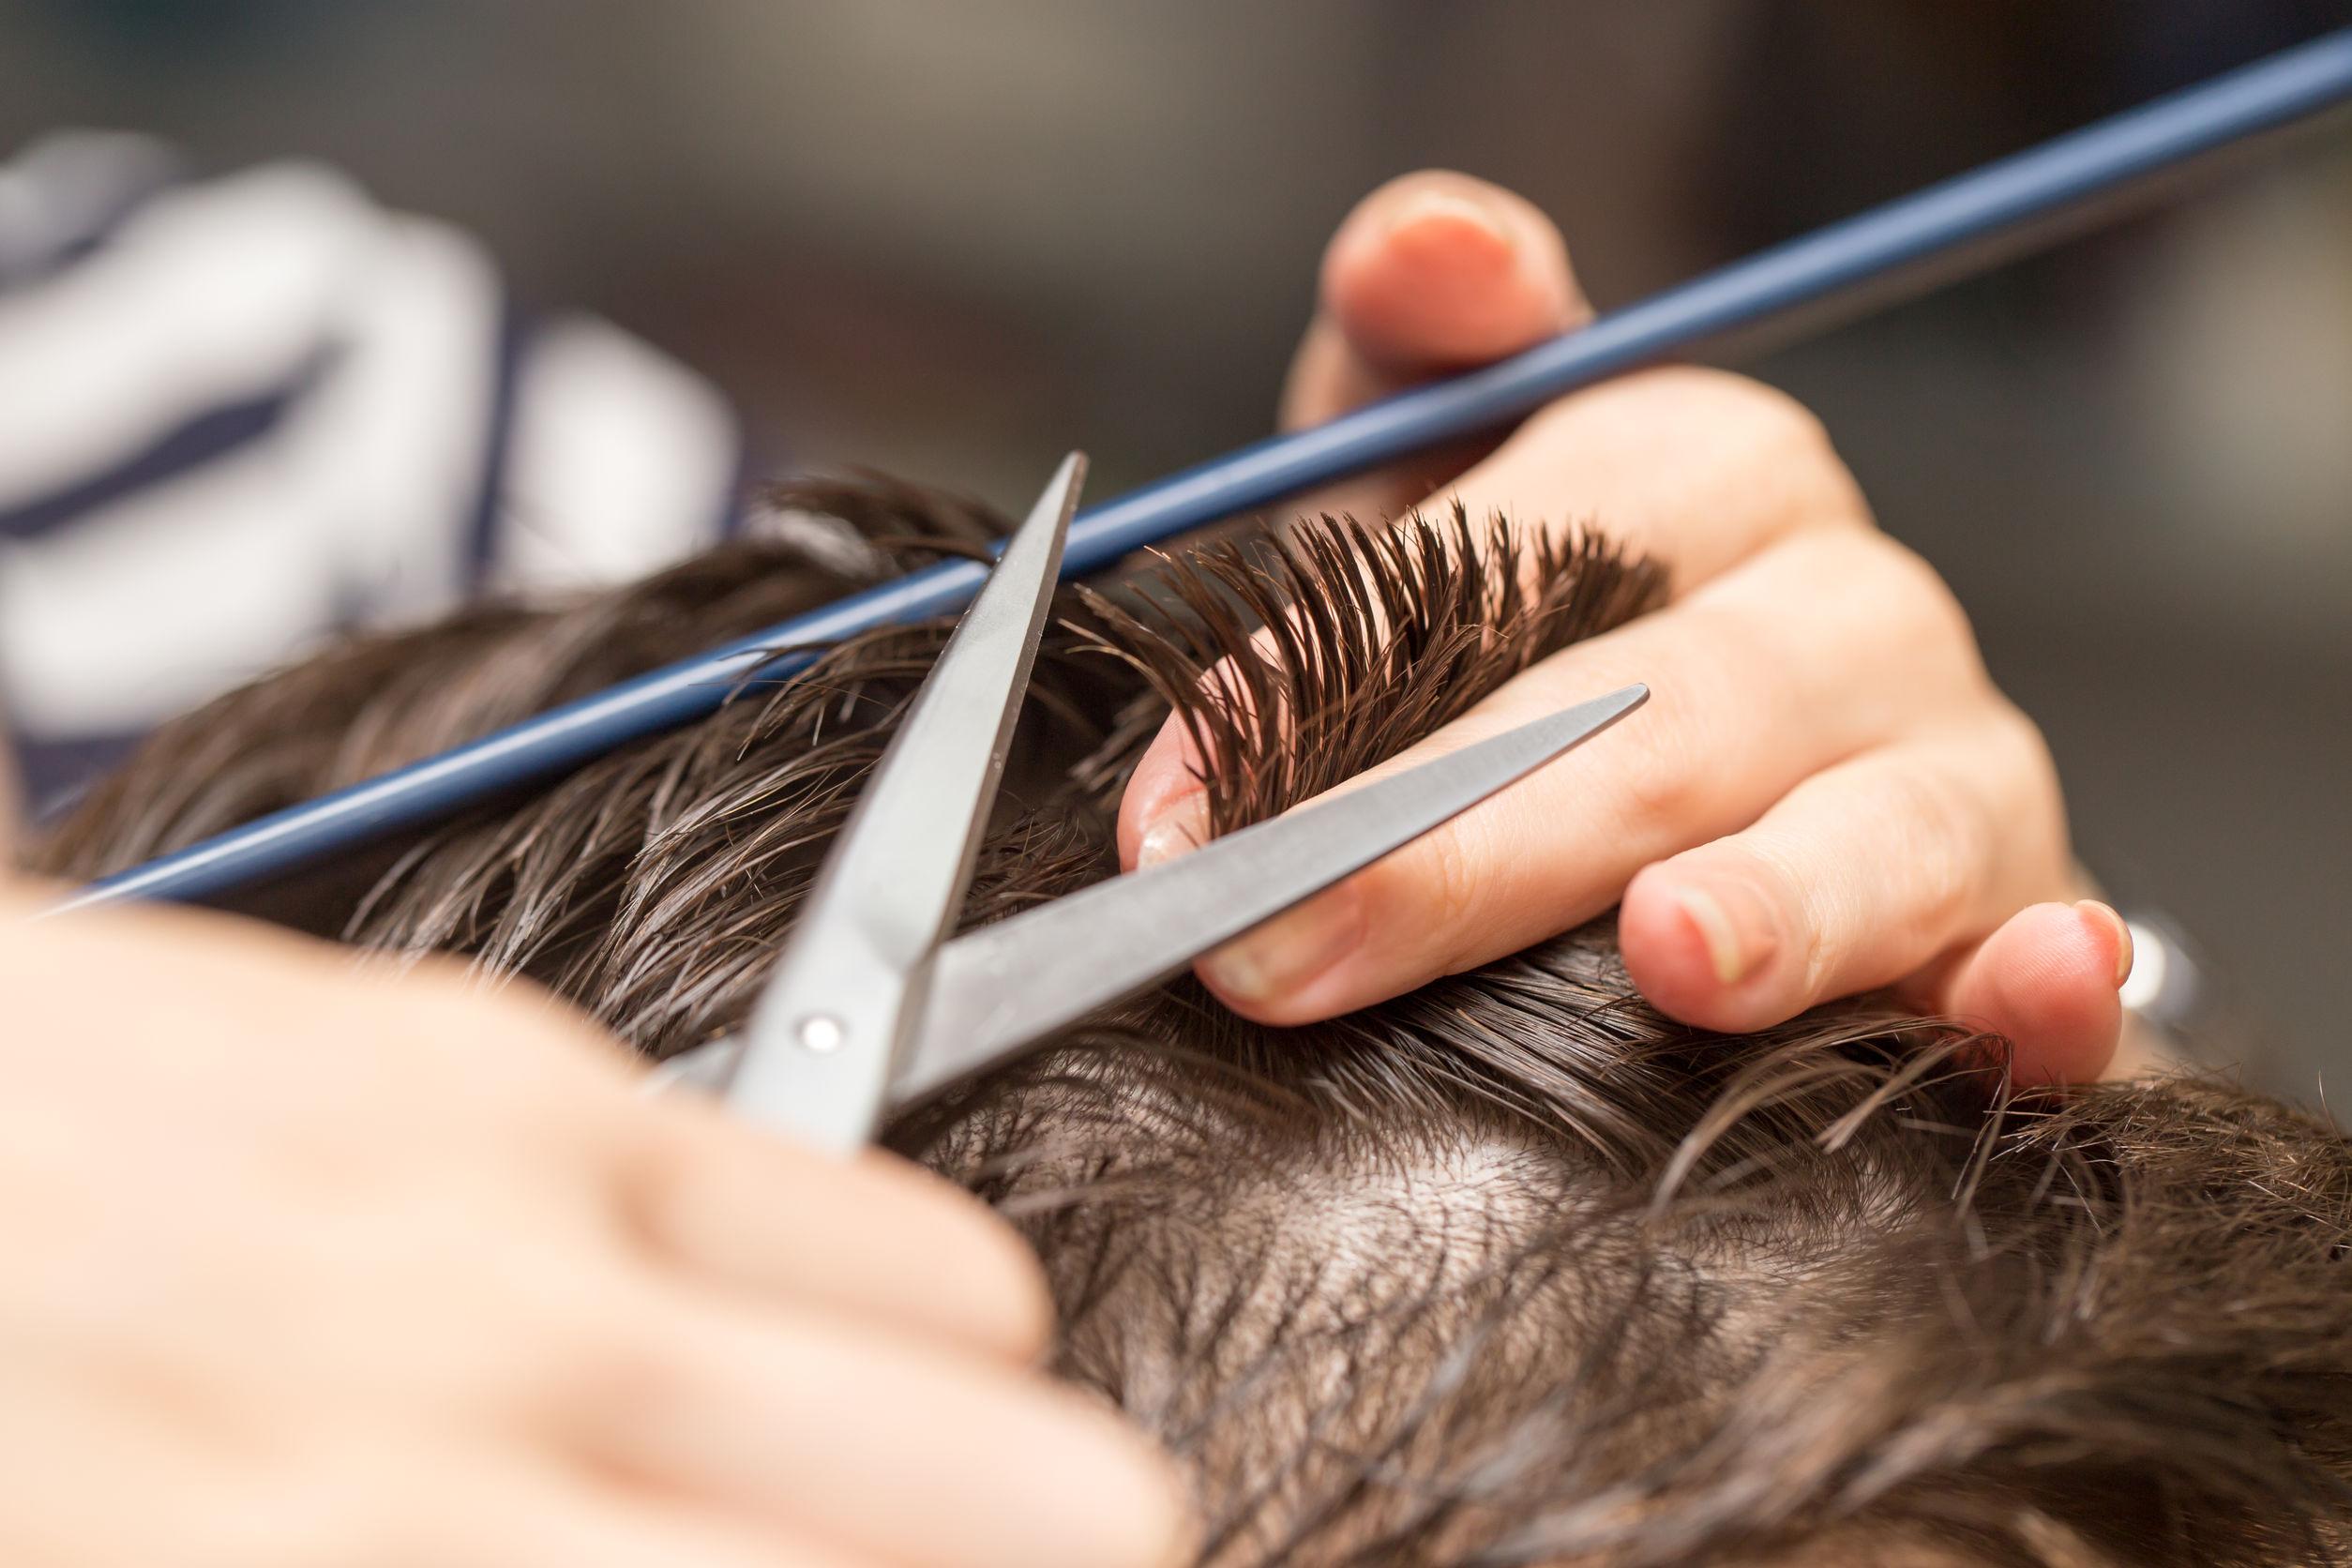 Persona cortando el cabello con tijeras a un hombre